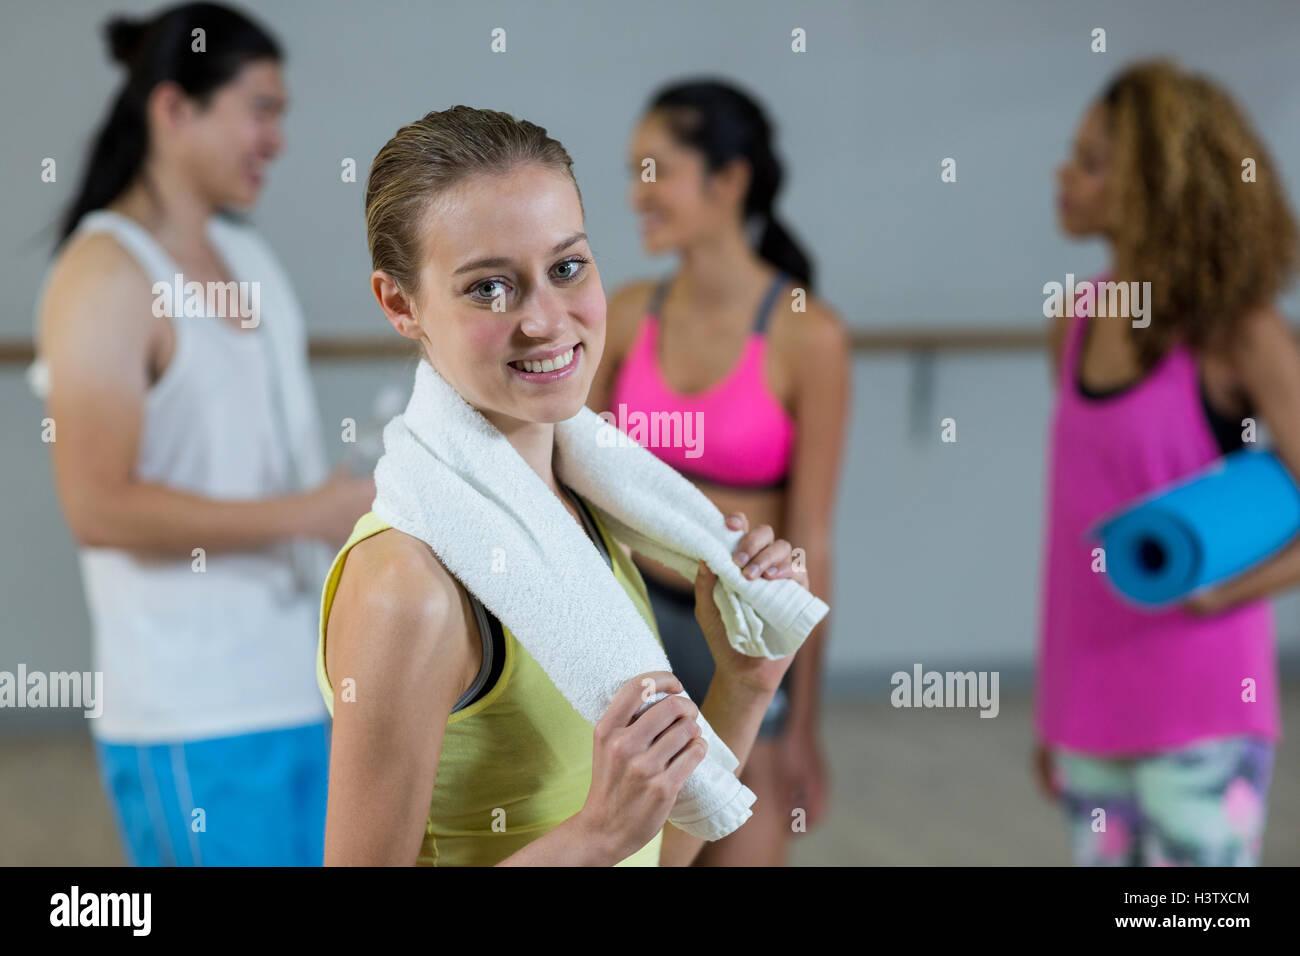 Retrato de mujer trainer sosteniendo la toalla con clase de gimnasia en segundo plano. Imagen De Stock